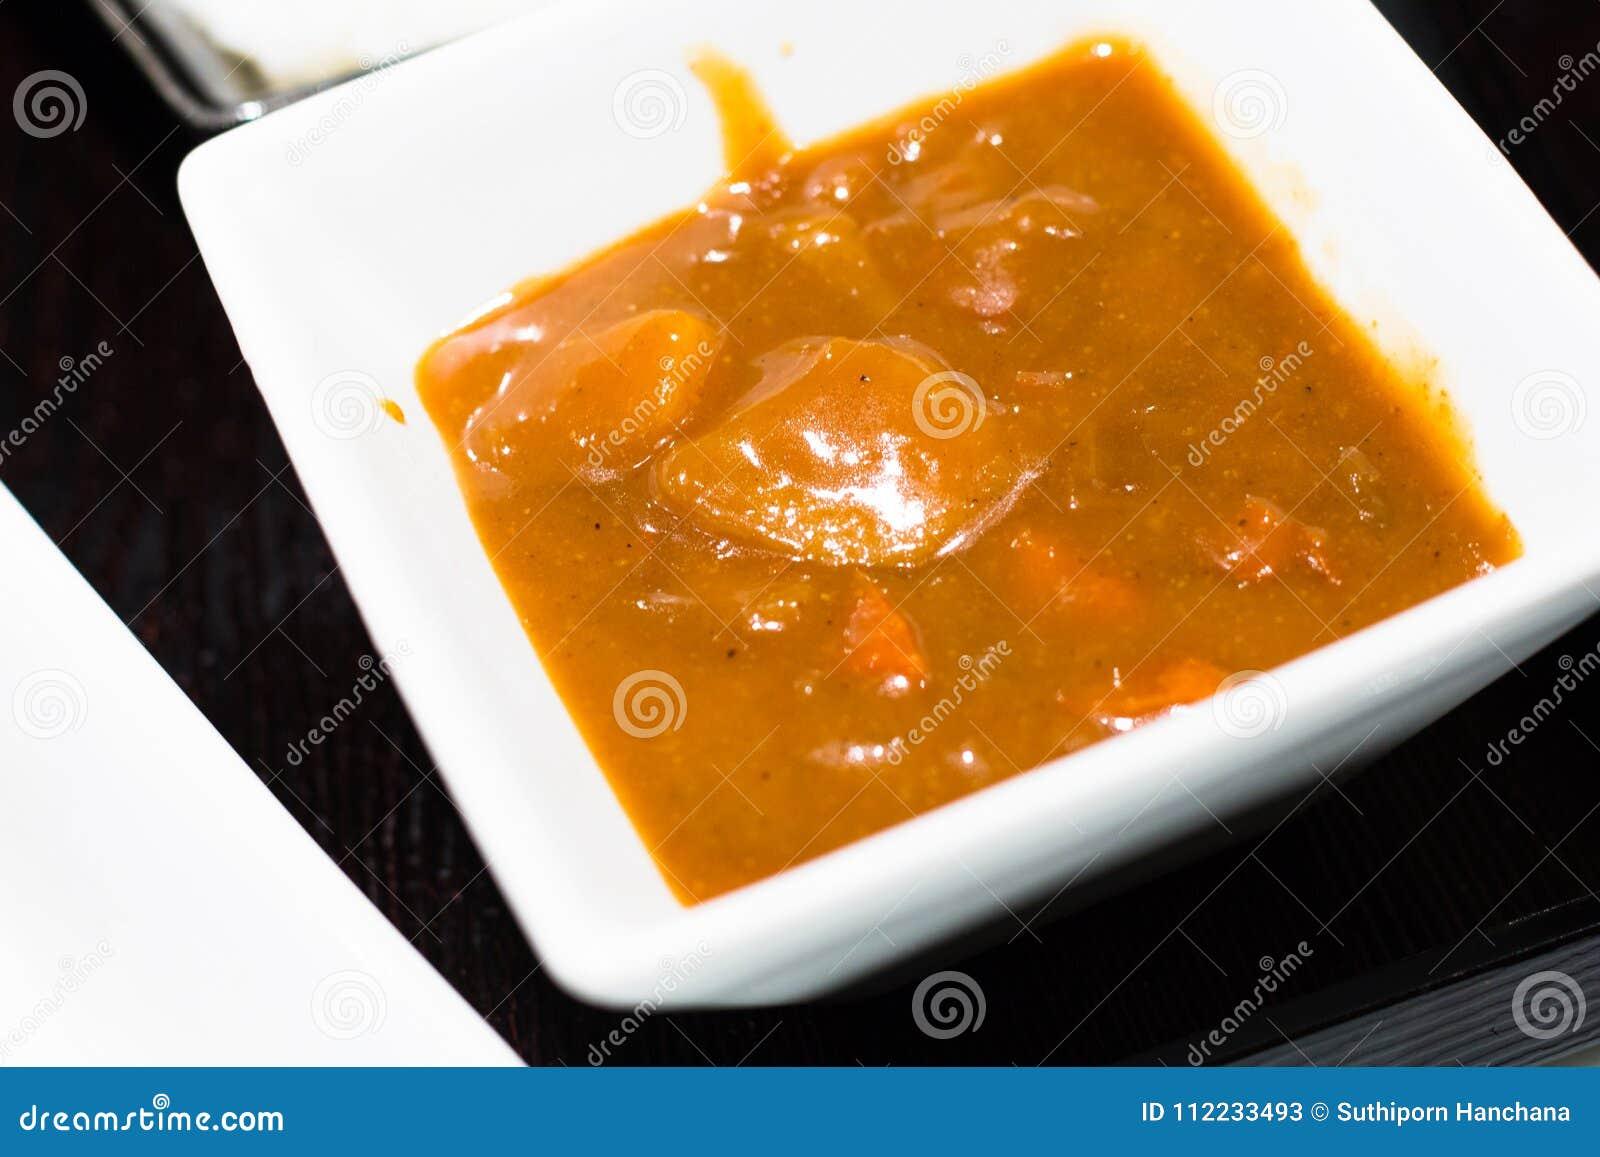 Kostad-upp japansk mat är curry som isoleras på bakgrund